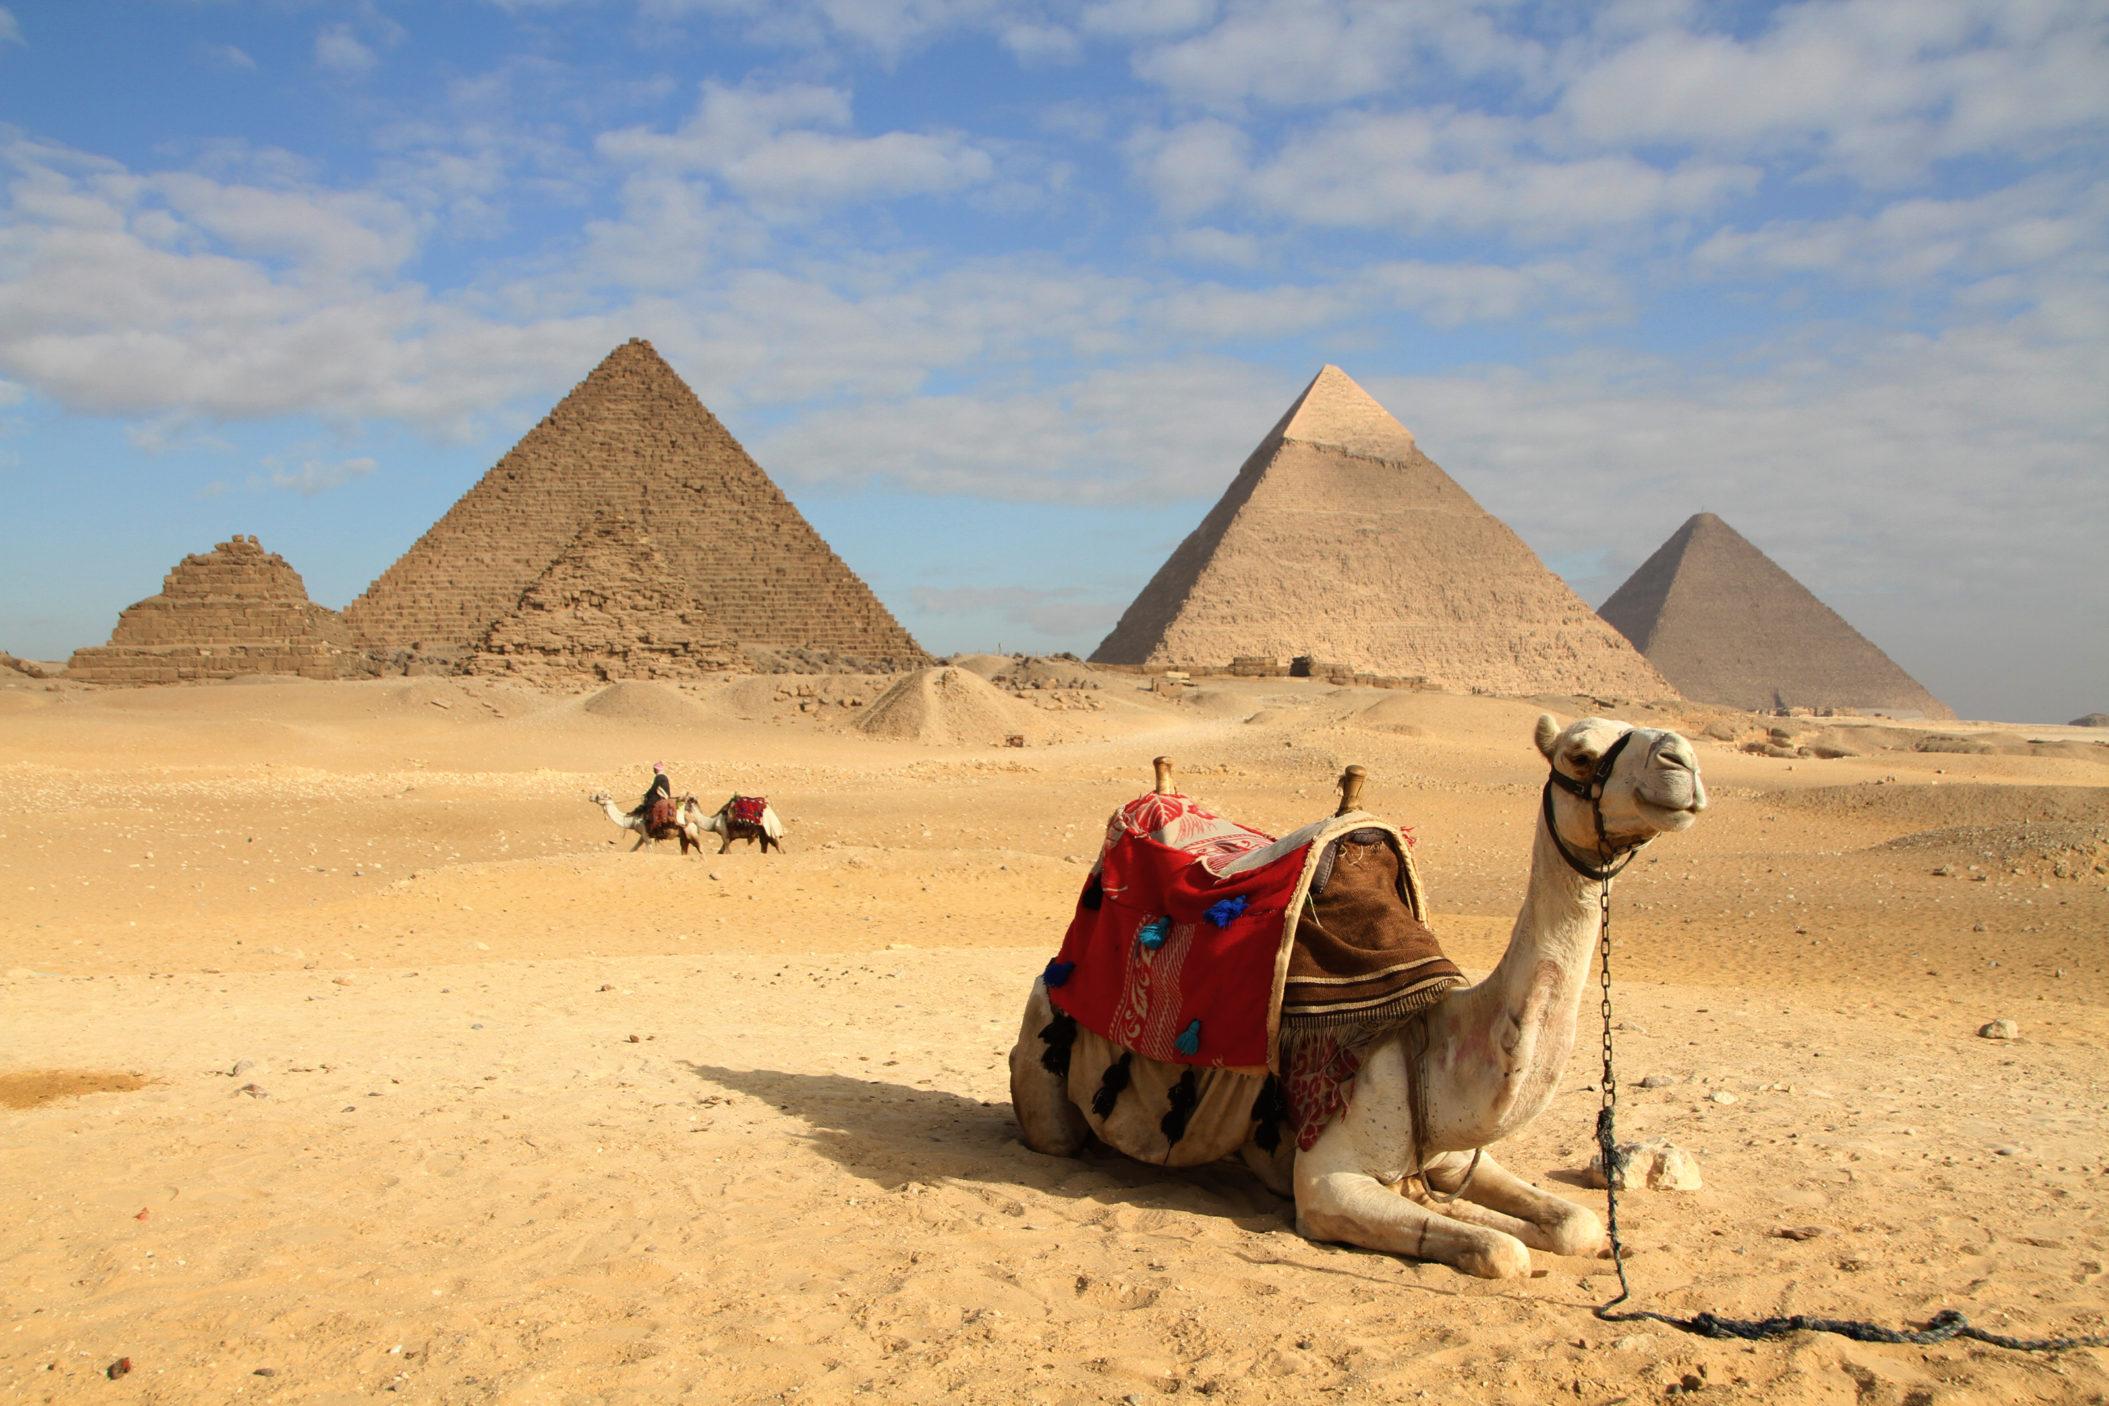 Egypt [Shutterstock]